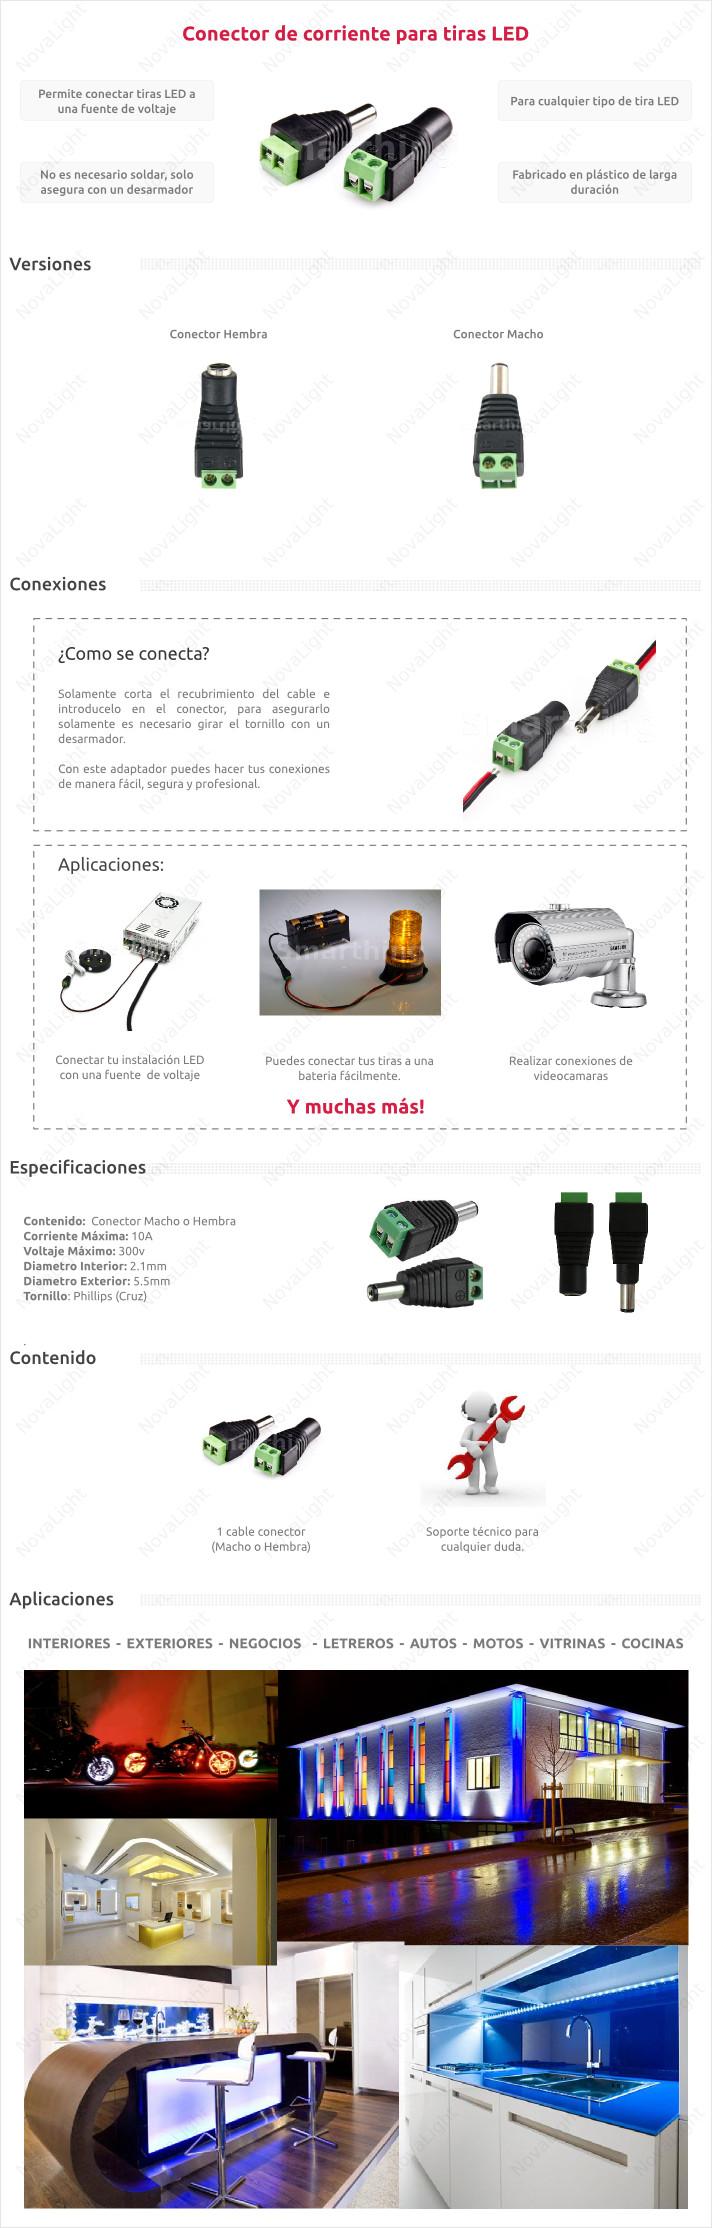 Conector para fuente de alimentación para controladores y tiras LED